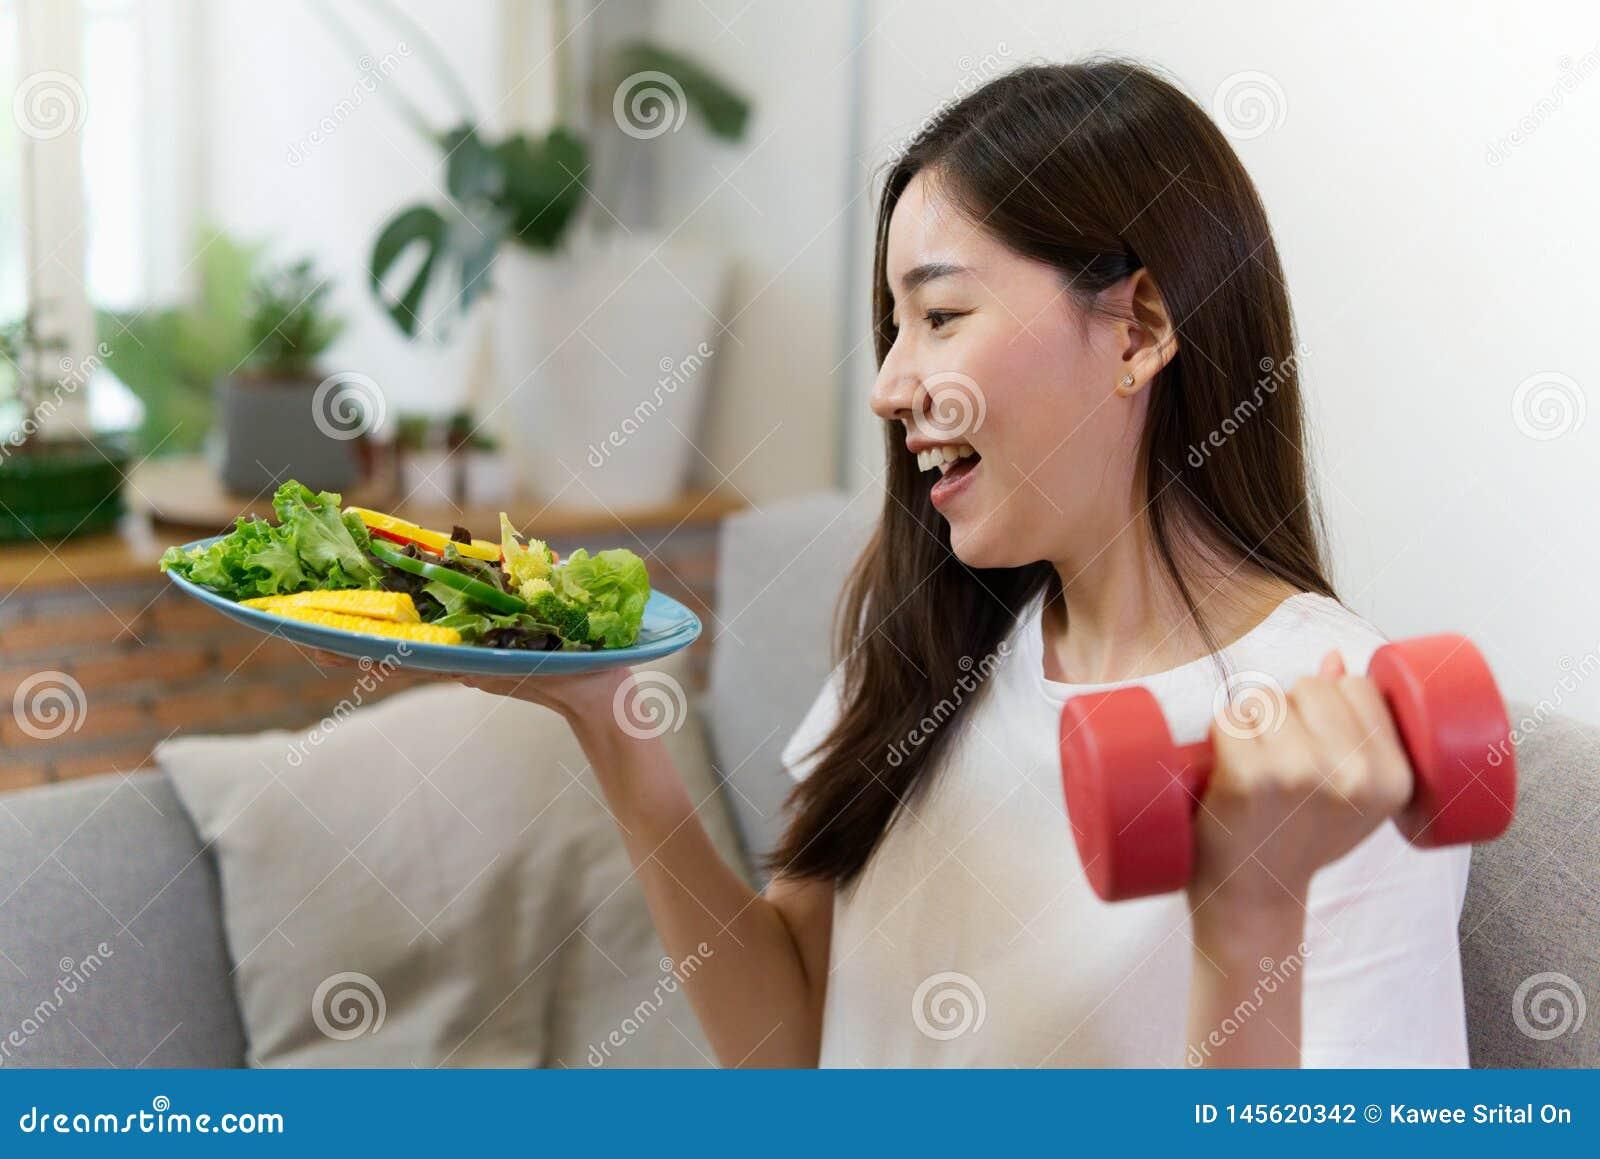 举行沙拉和红色哑铃的年轻亚裔女孩坐有微笑面孔的沙发